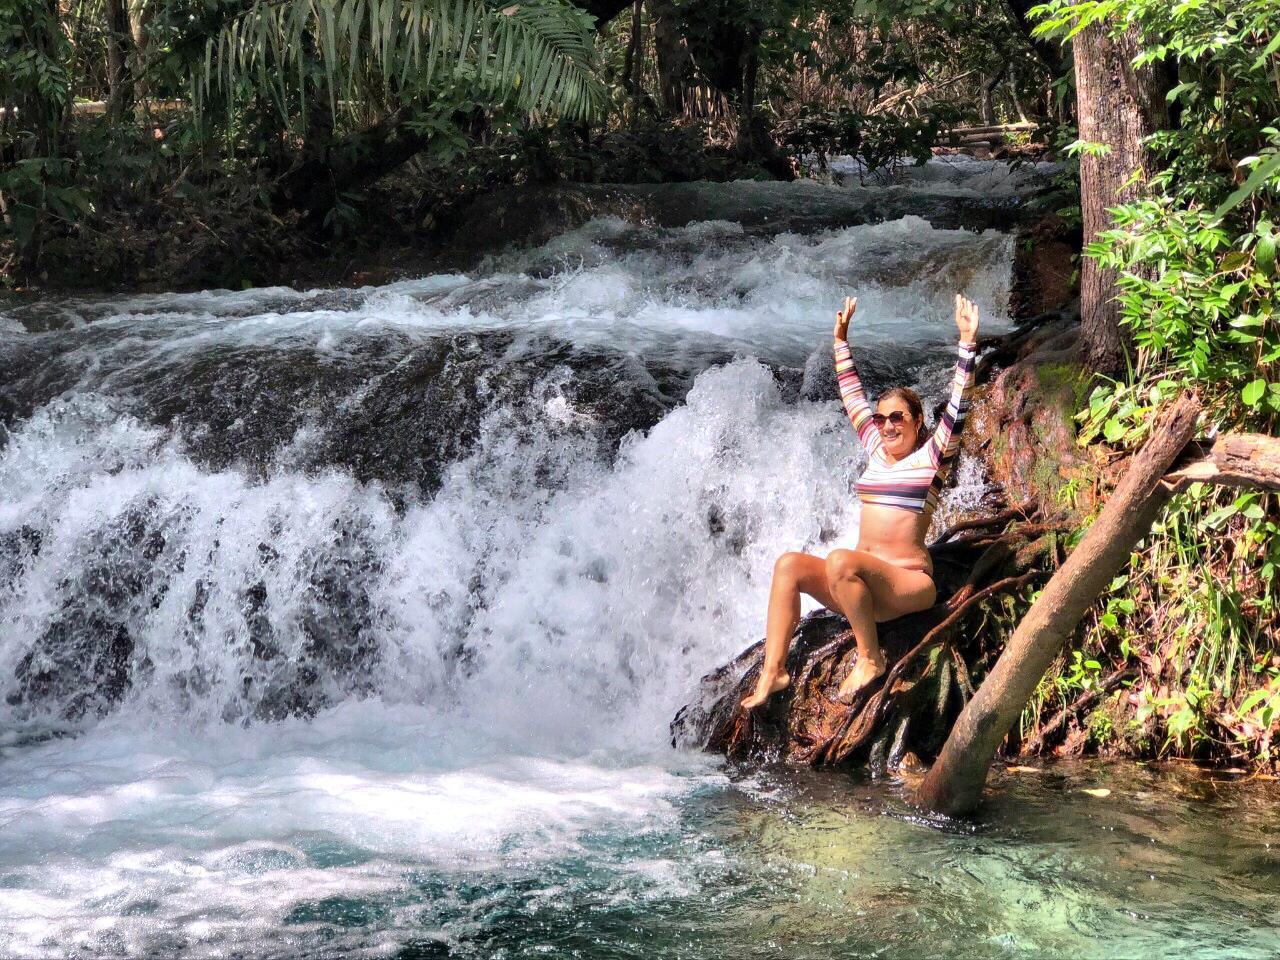 Cachoeiras do Jalapão: 8 cachoeiras para conhecer e se encantar